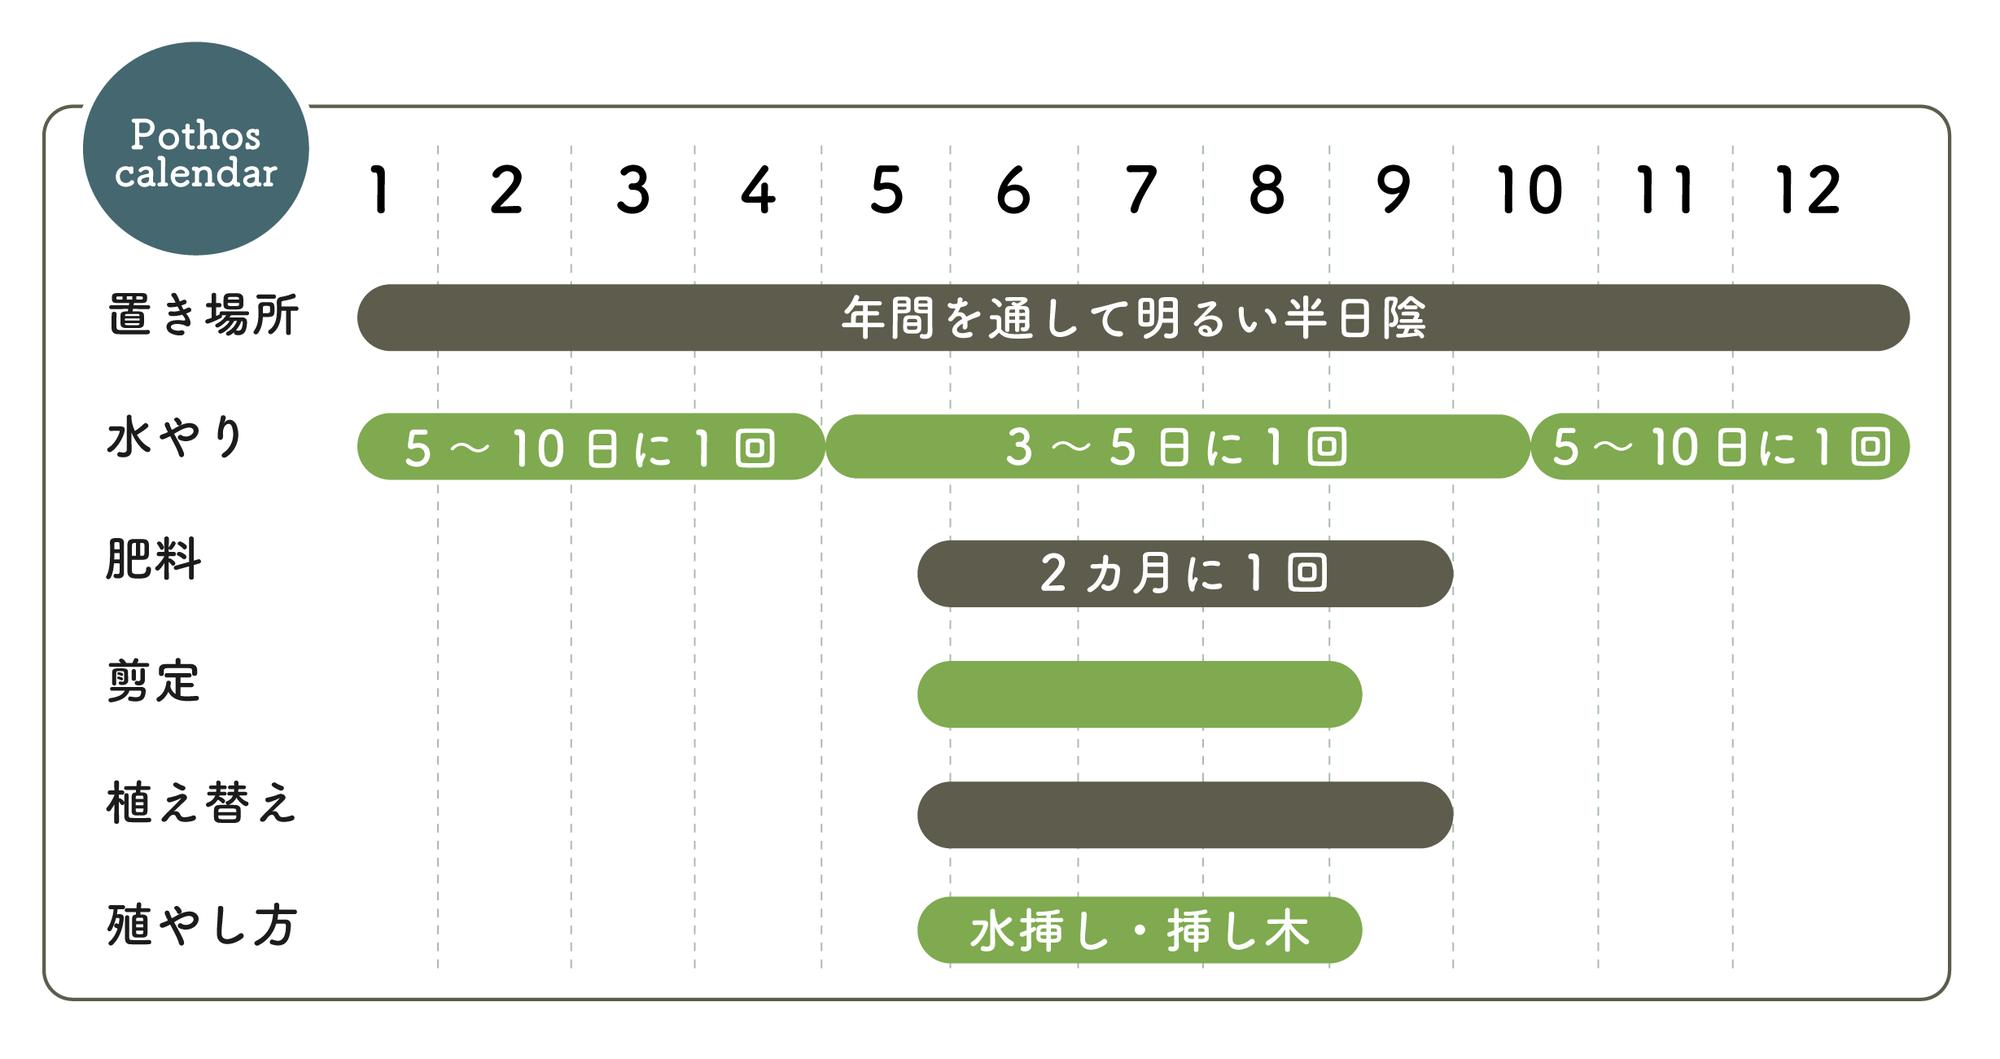 ポトスの栽培カレンダー